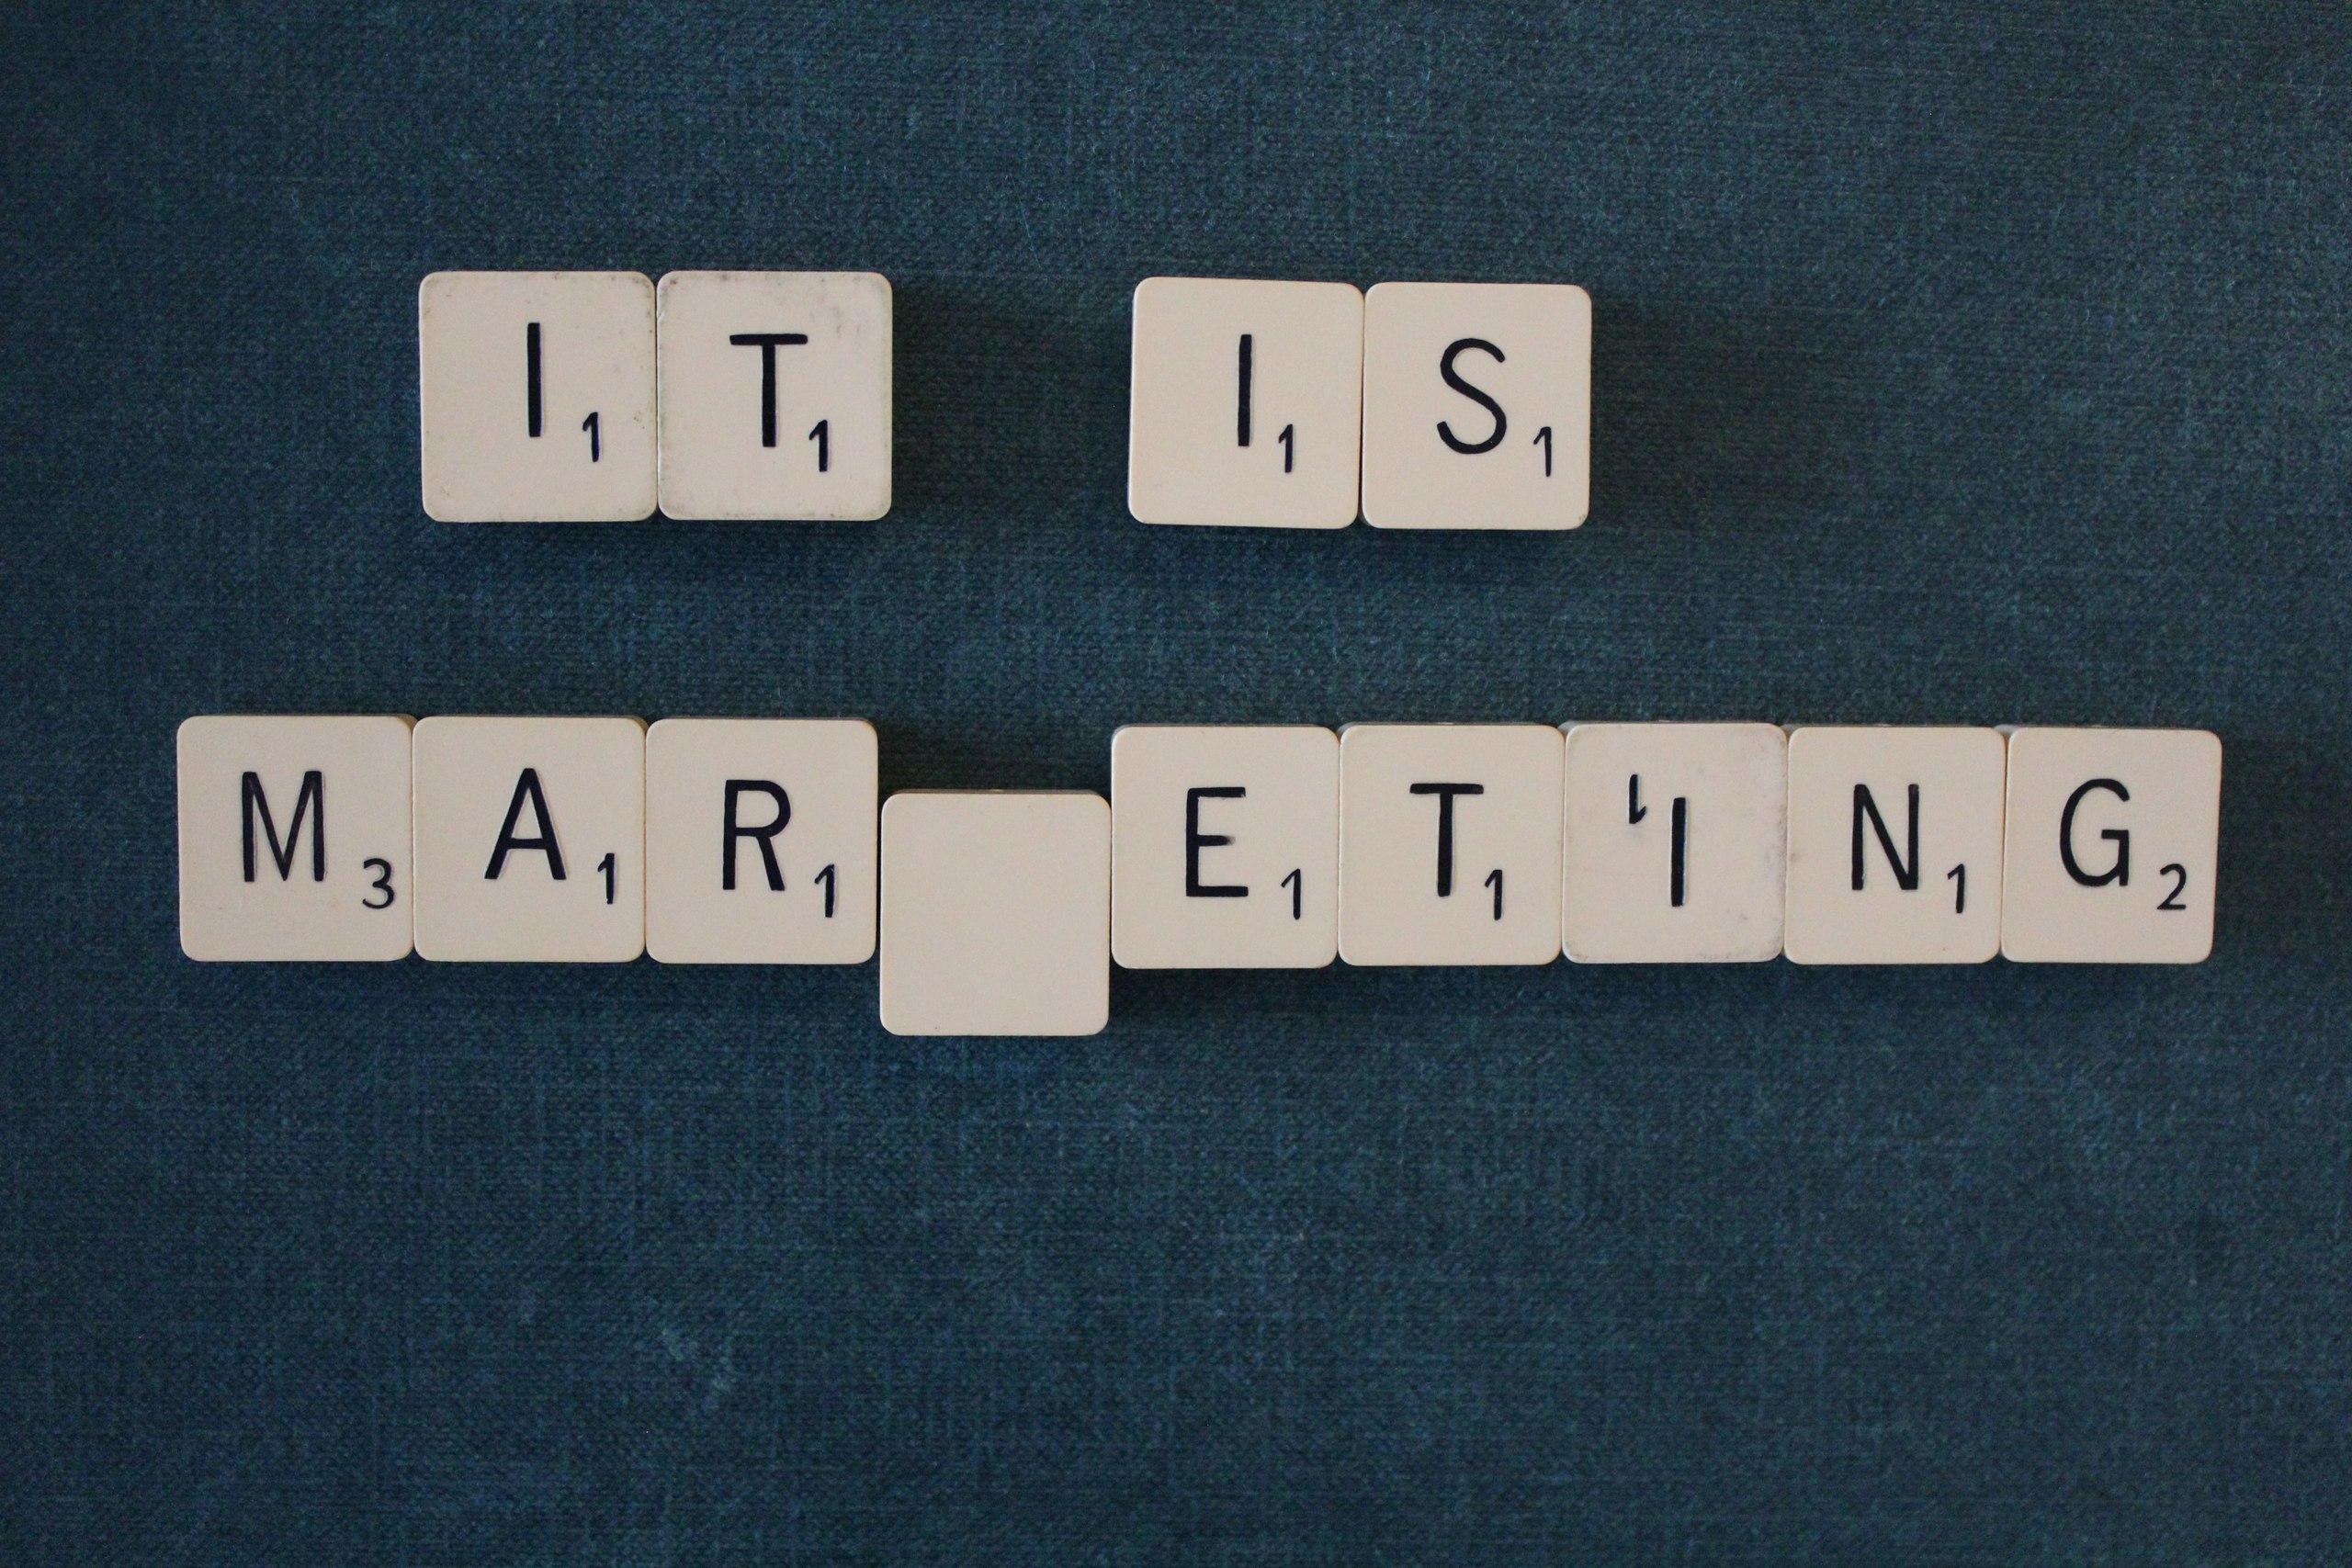 Джентльменский набор в области маркетинга и продаж компании-разработчика заказного ПО